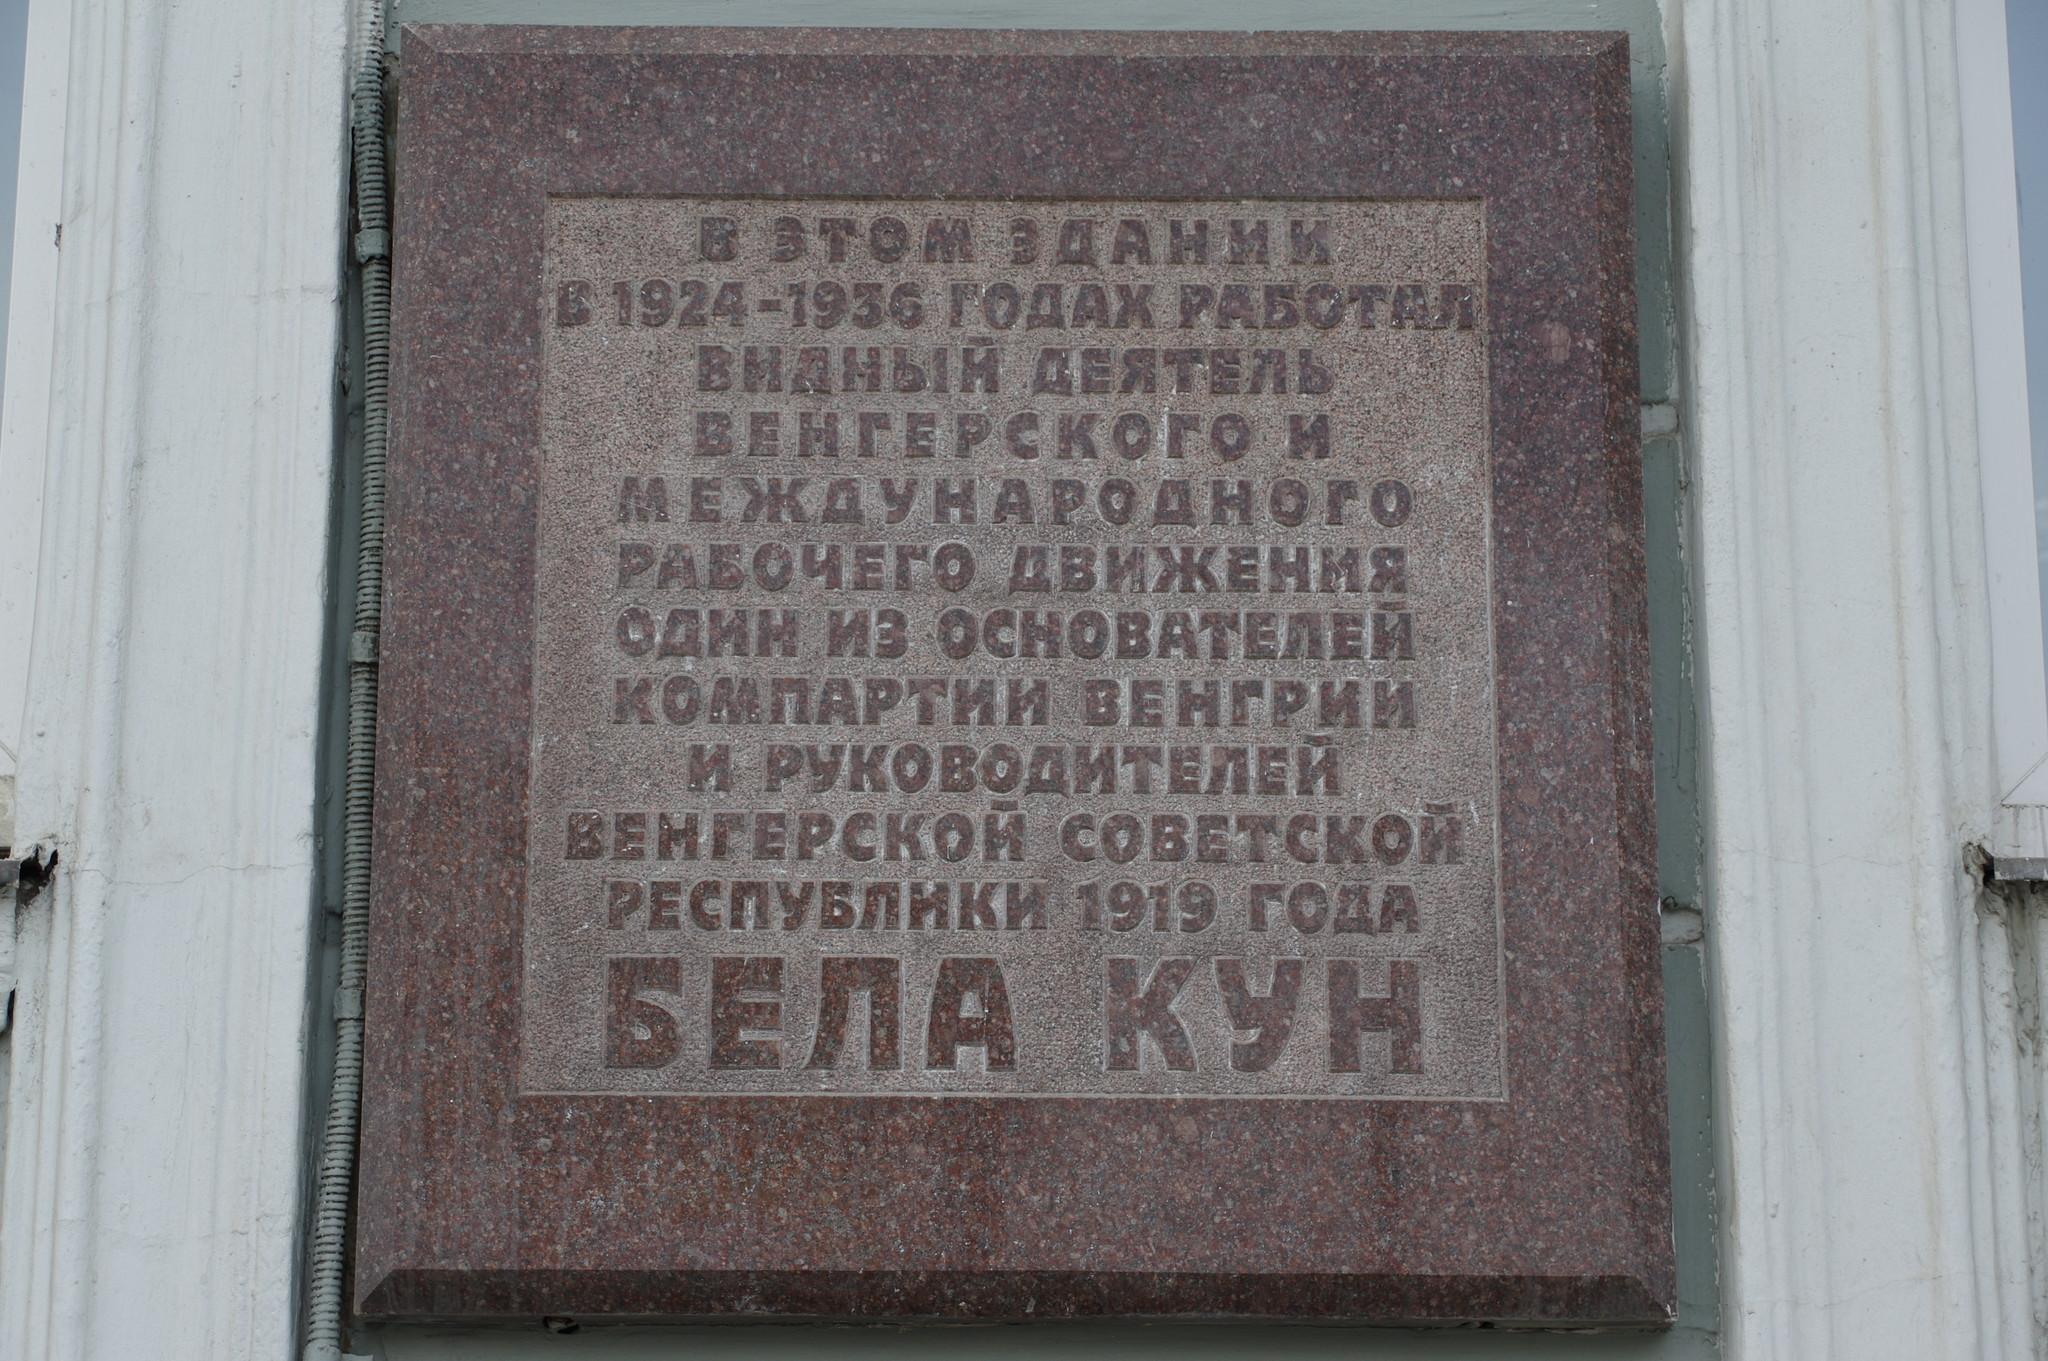 Мемориальная доска на фасаде здания в Москве, где в 1924-1936 годах работал Бела Кун (улица Моховая, дом 16, улица Манежная, дом 13, улица Воздвиженка, дом 1)